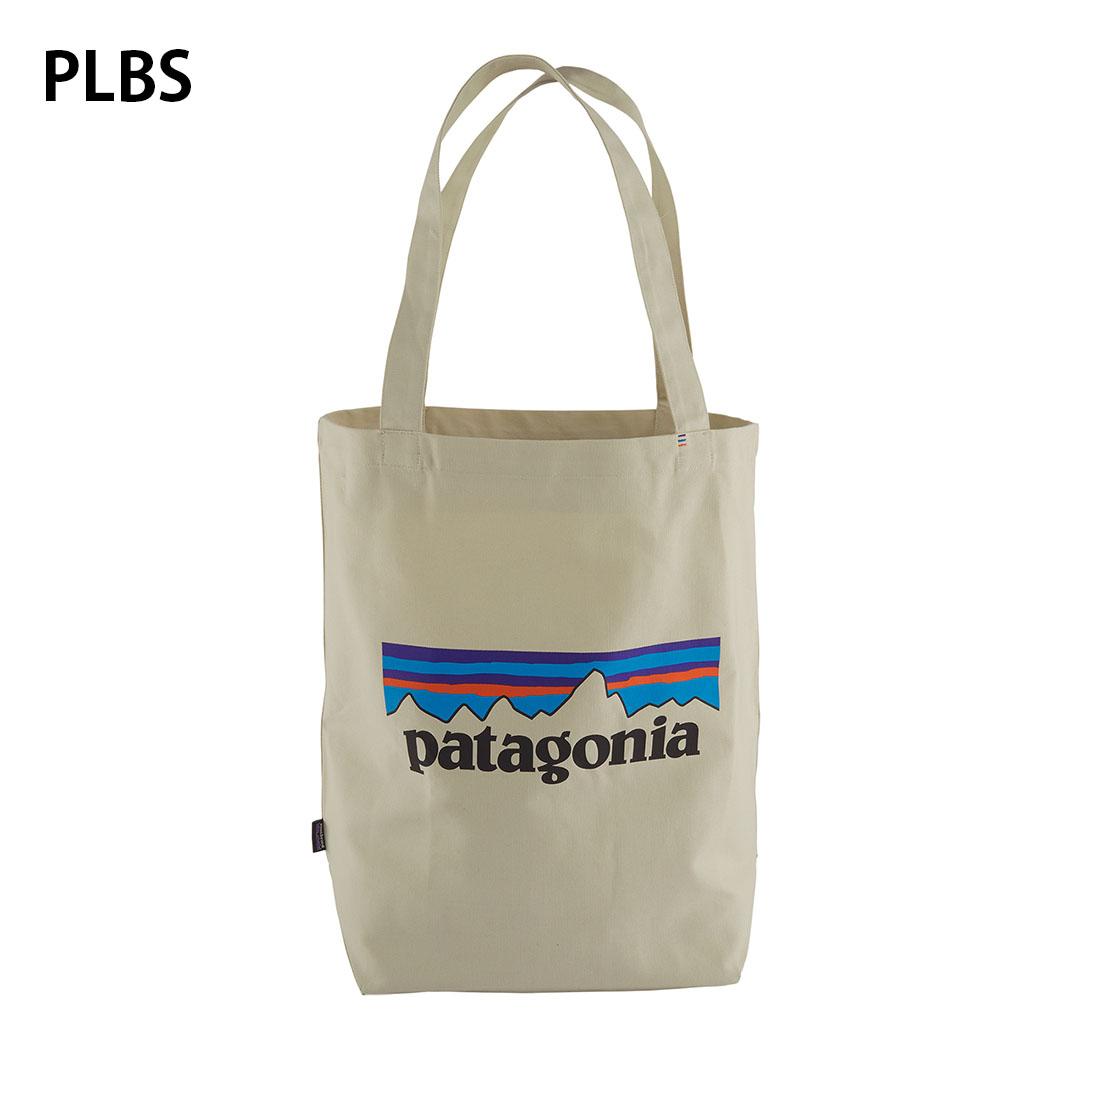 パタゴニア patagonia Market Tote マーケット・トート トートバック【メール便可】 59280